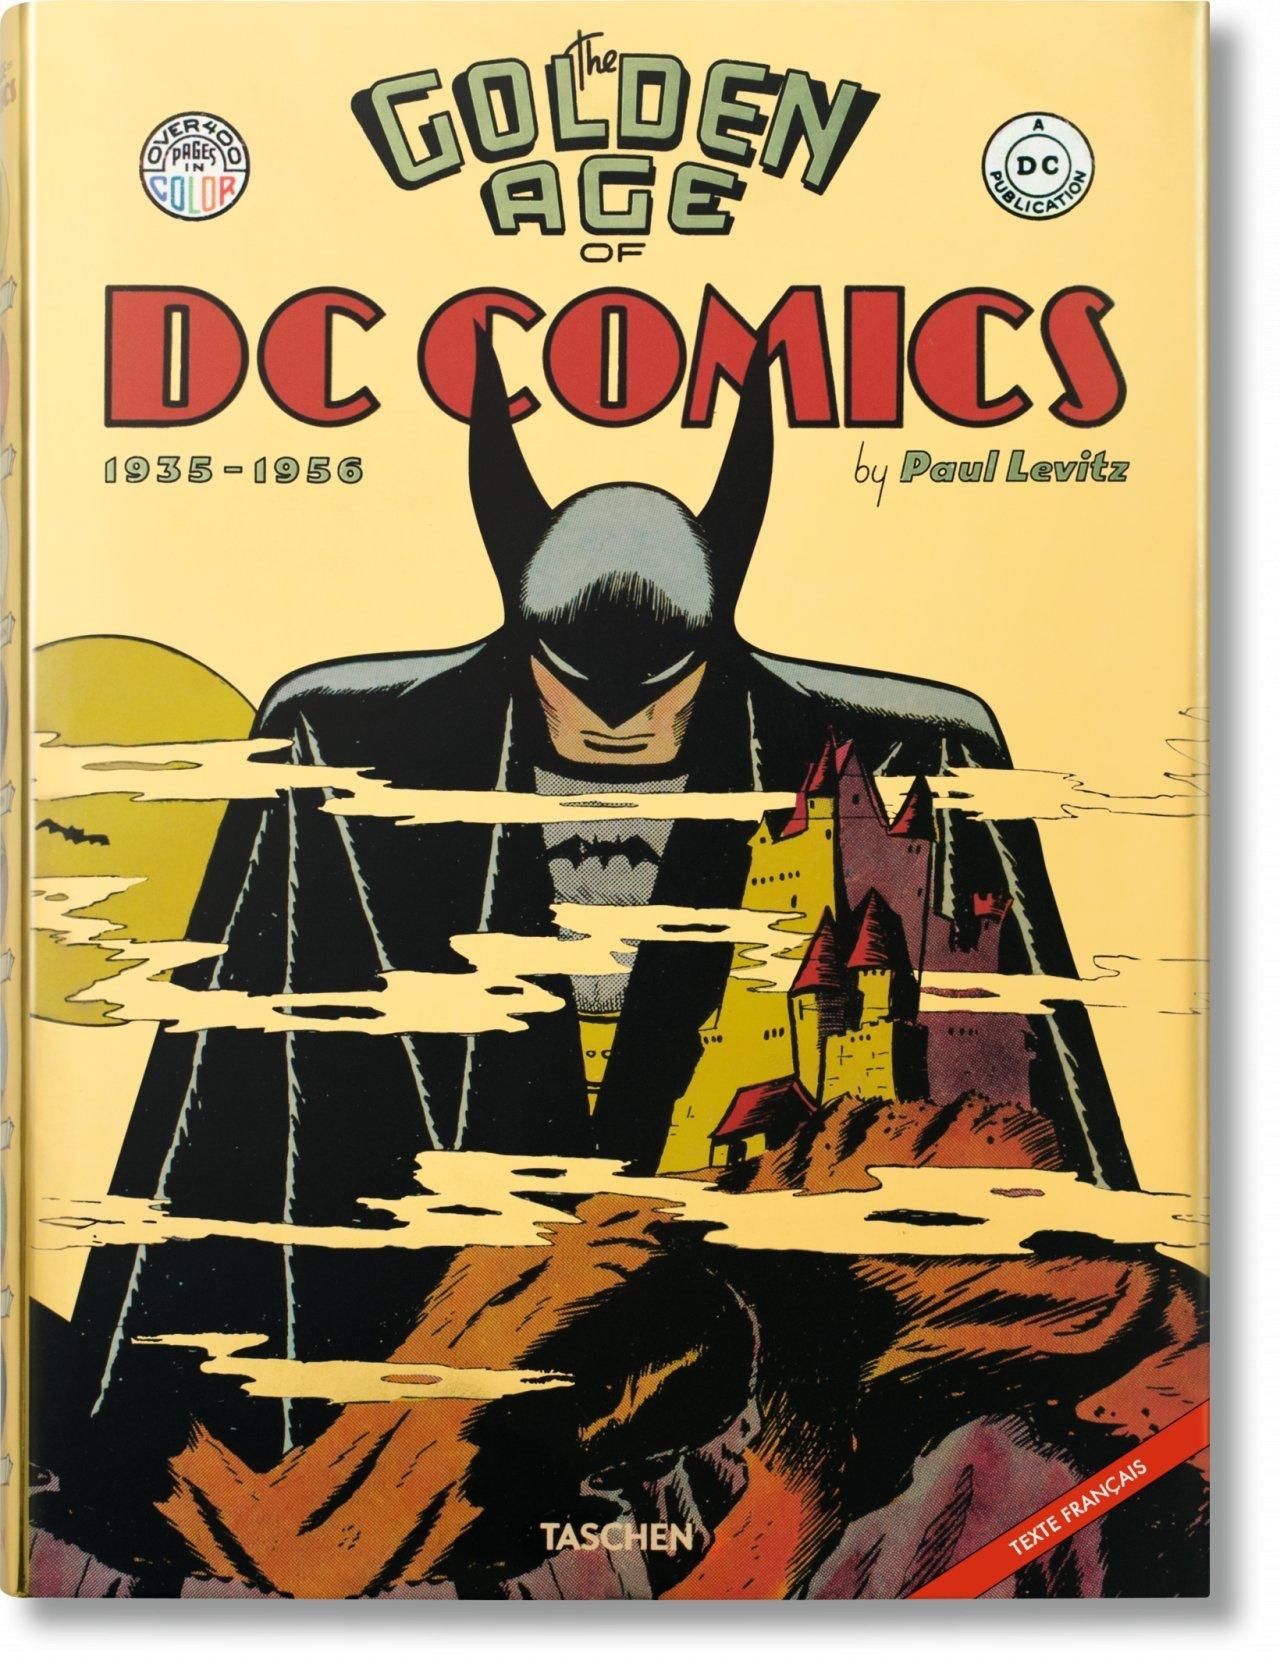 VA-DC COMICS, VOL.1 GOLDEN AGE